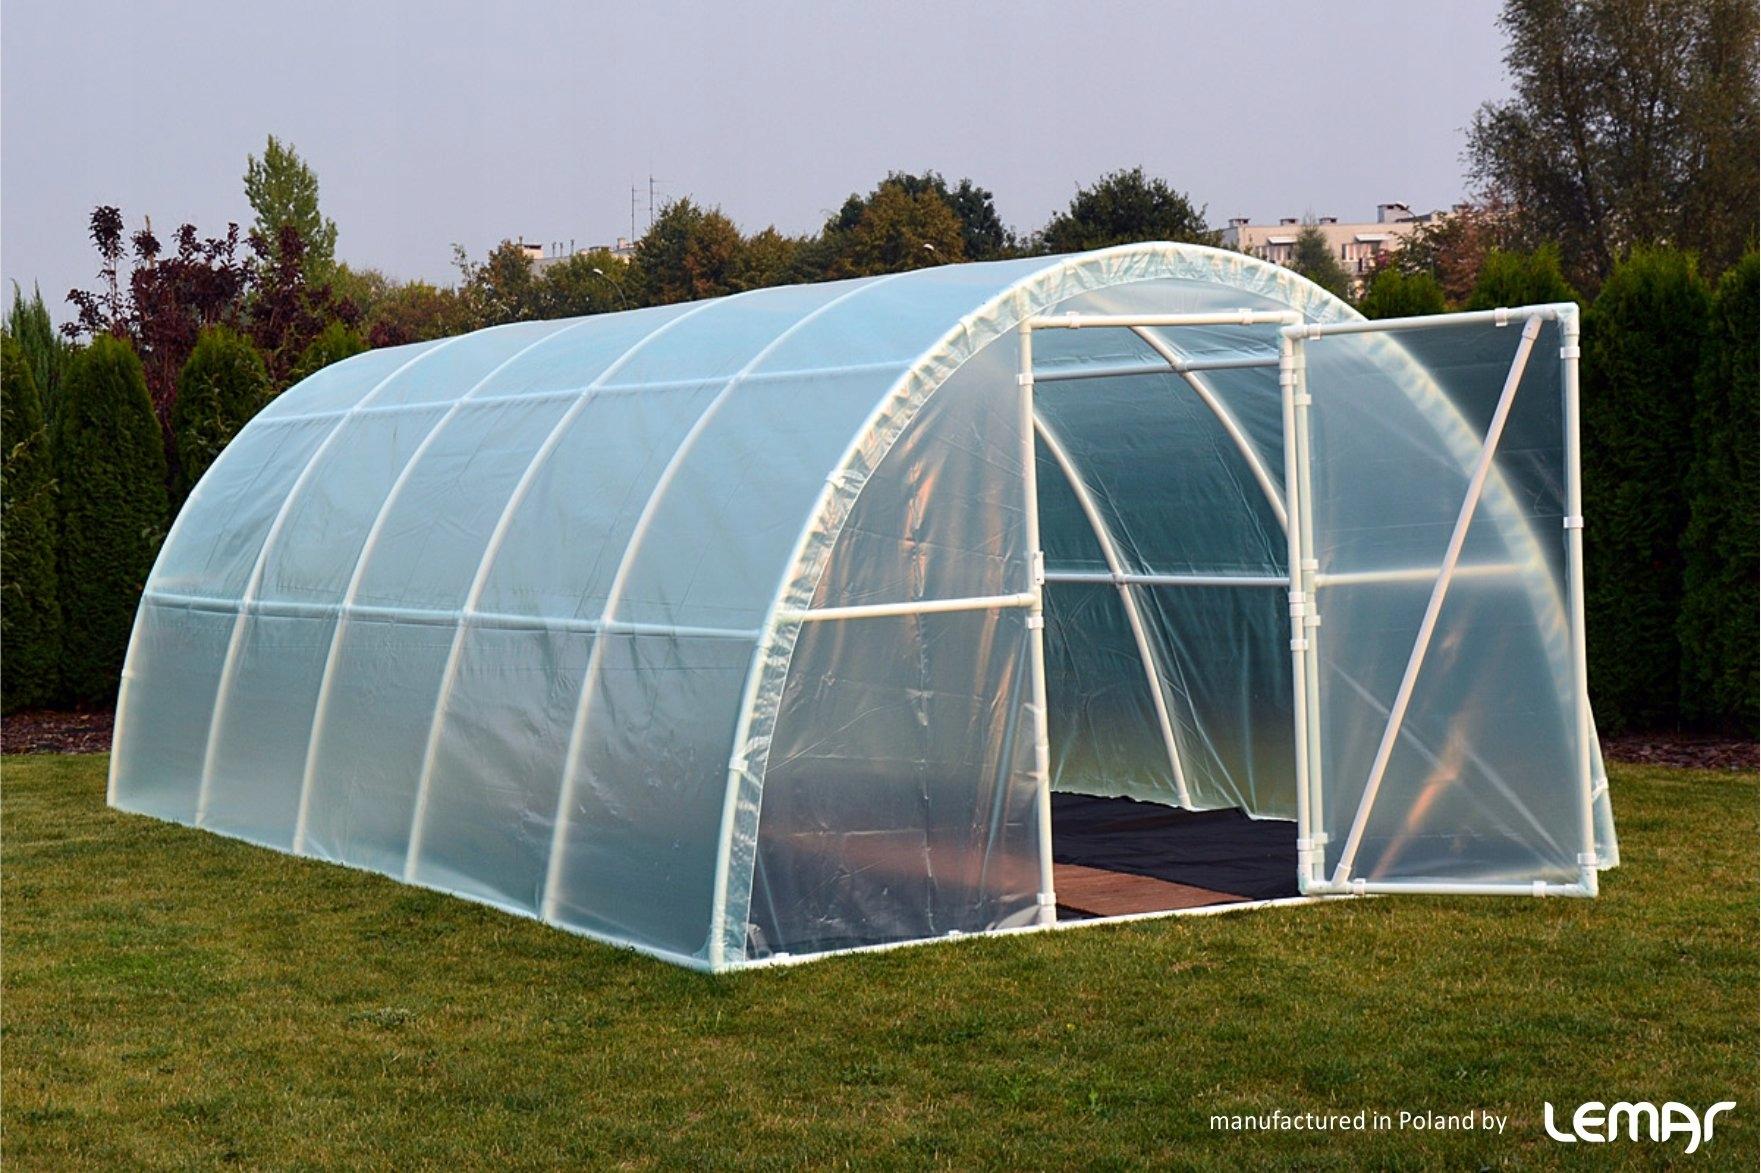 Fóliový tunel Záhradný skleník 10x3 4-sezónna fólia Hmotnosť produktu s jednotkovým balením 120 kg